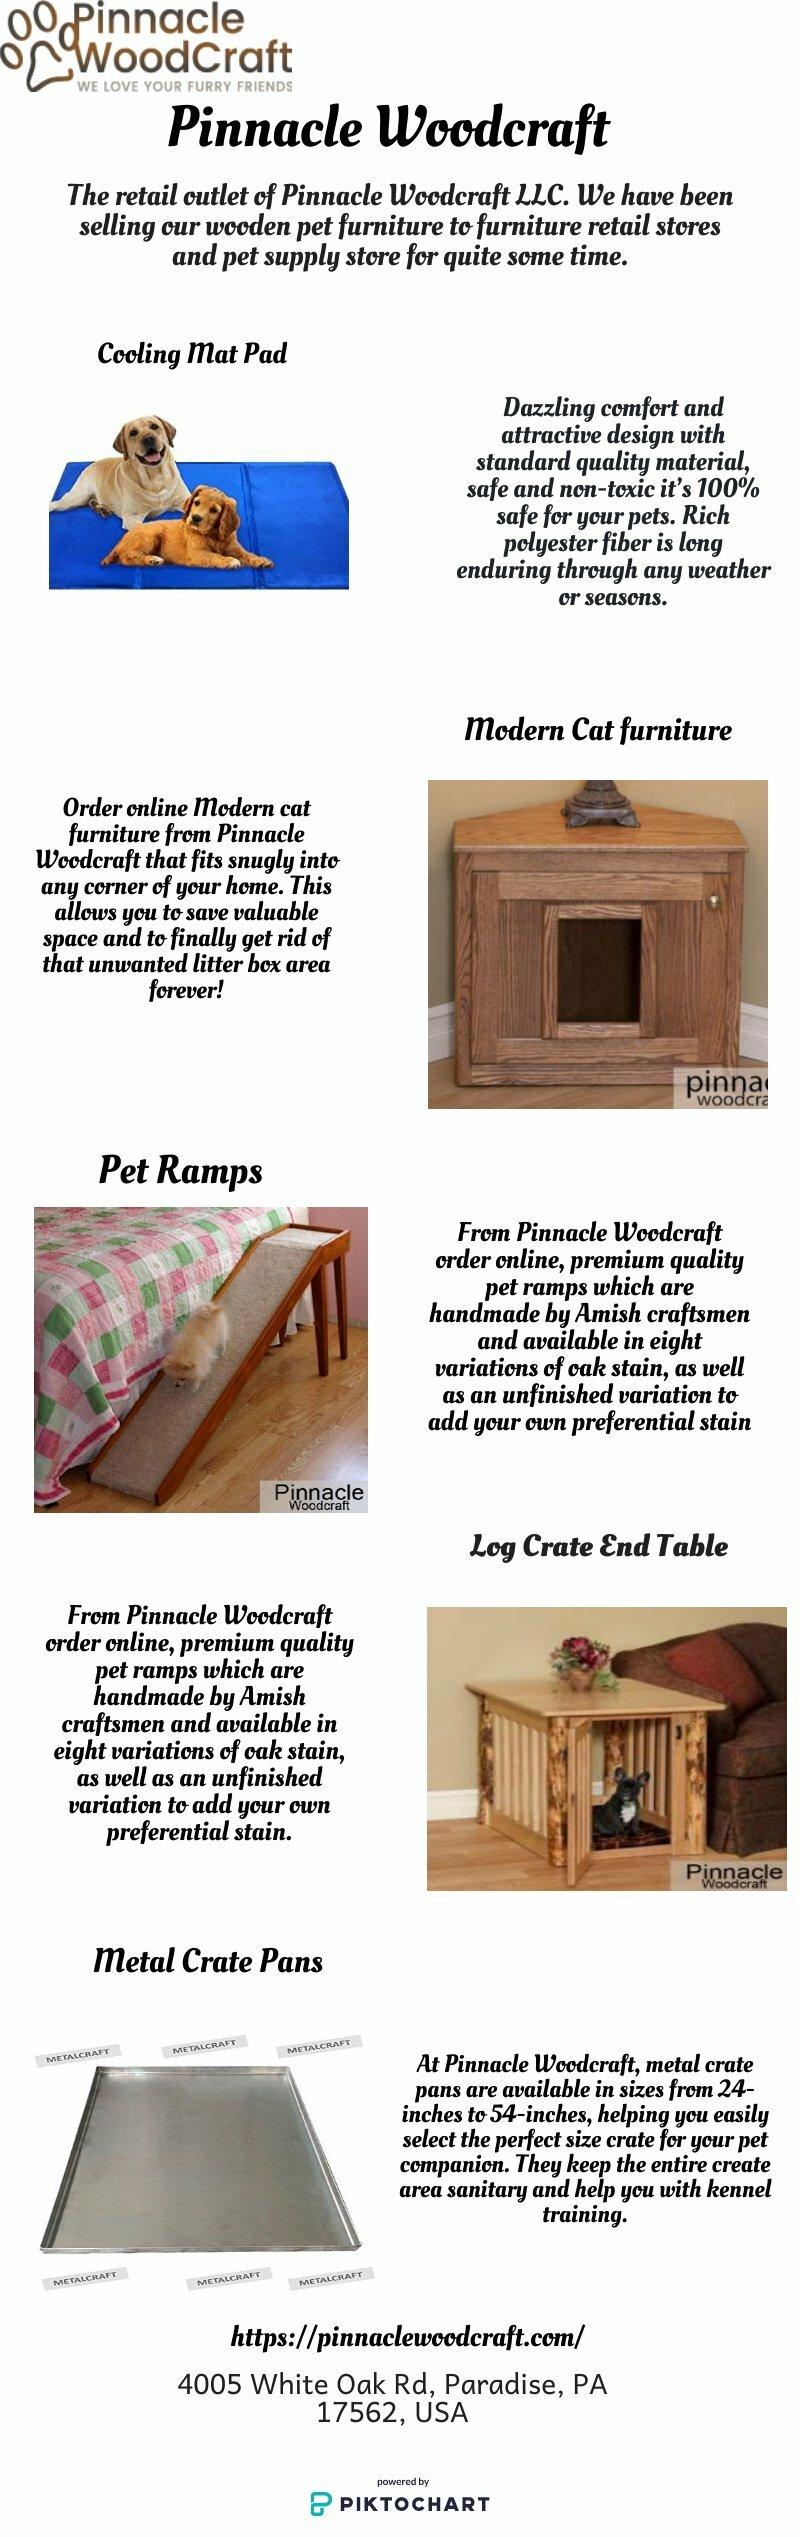 Pinnacle Woodcraft